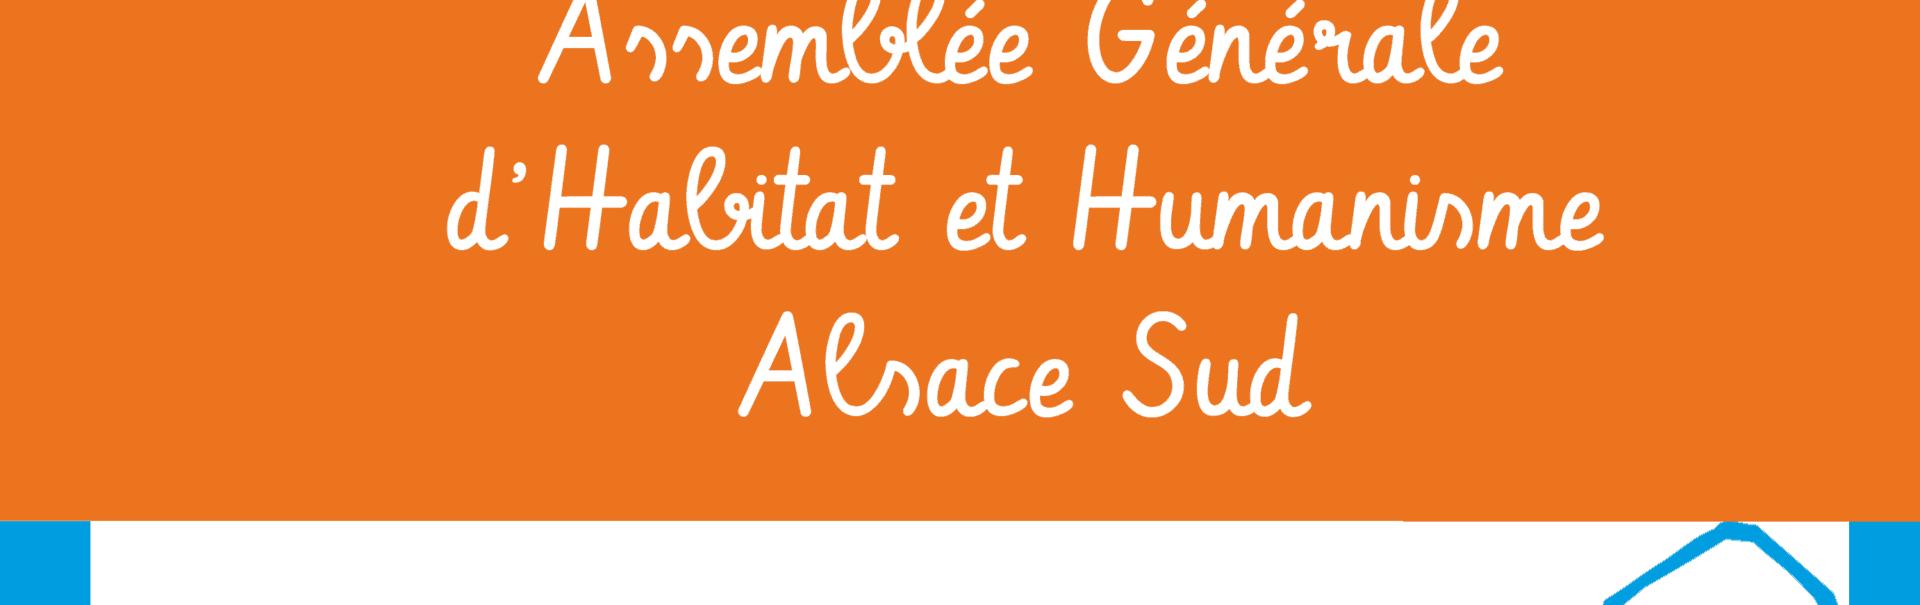 bandeau-AG-alsace-sud.png